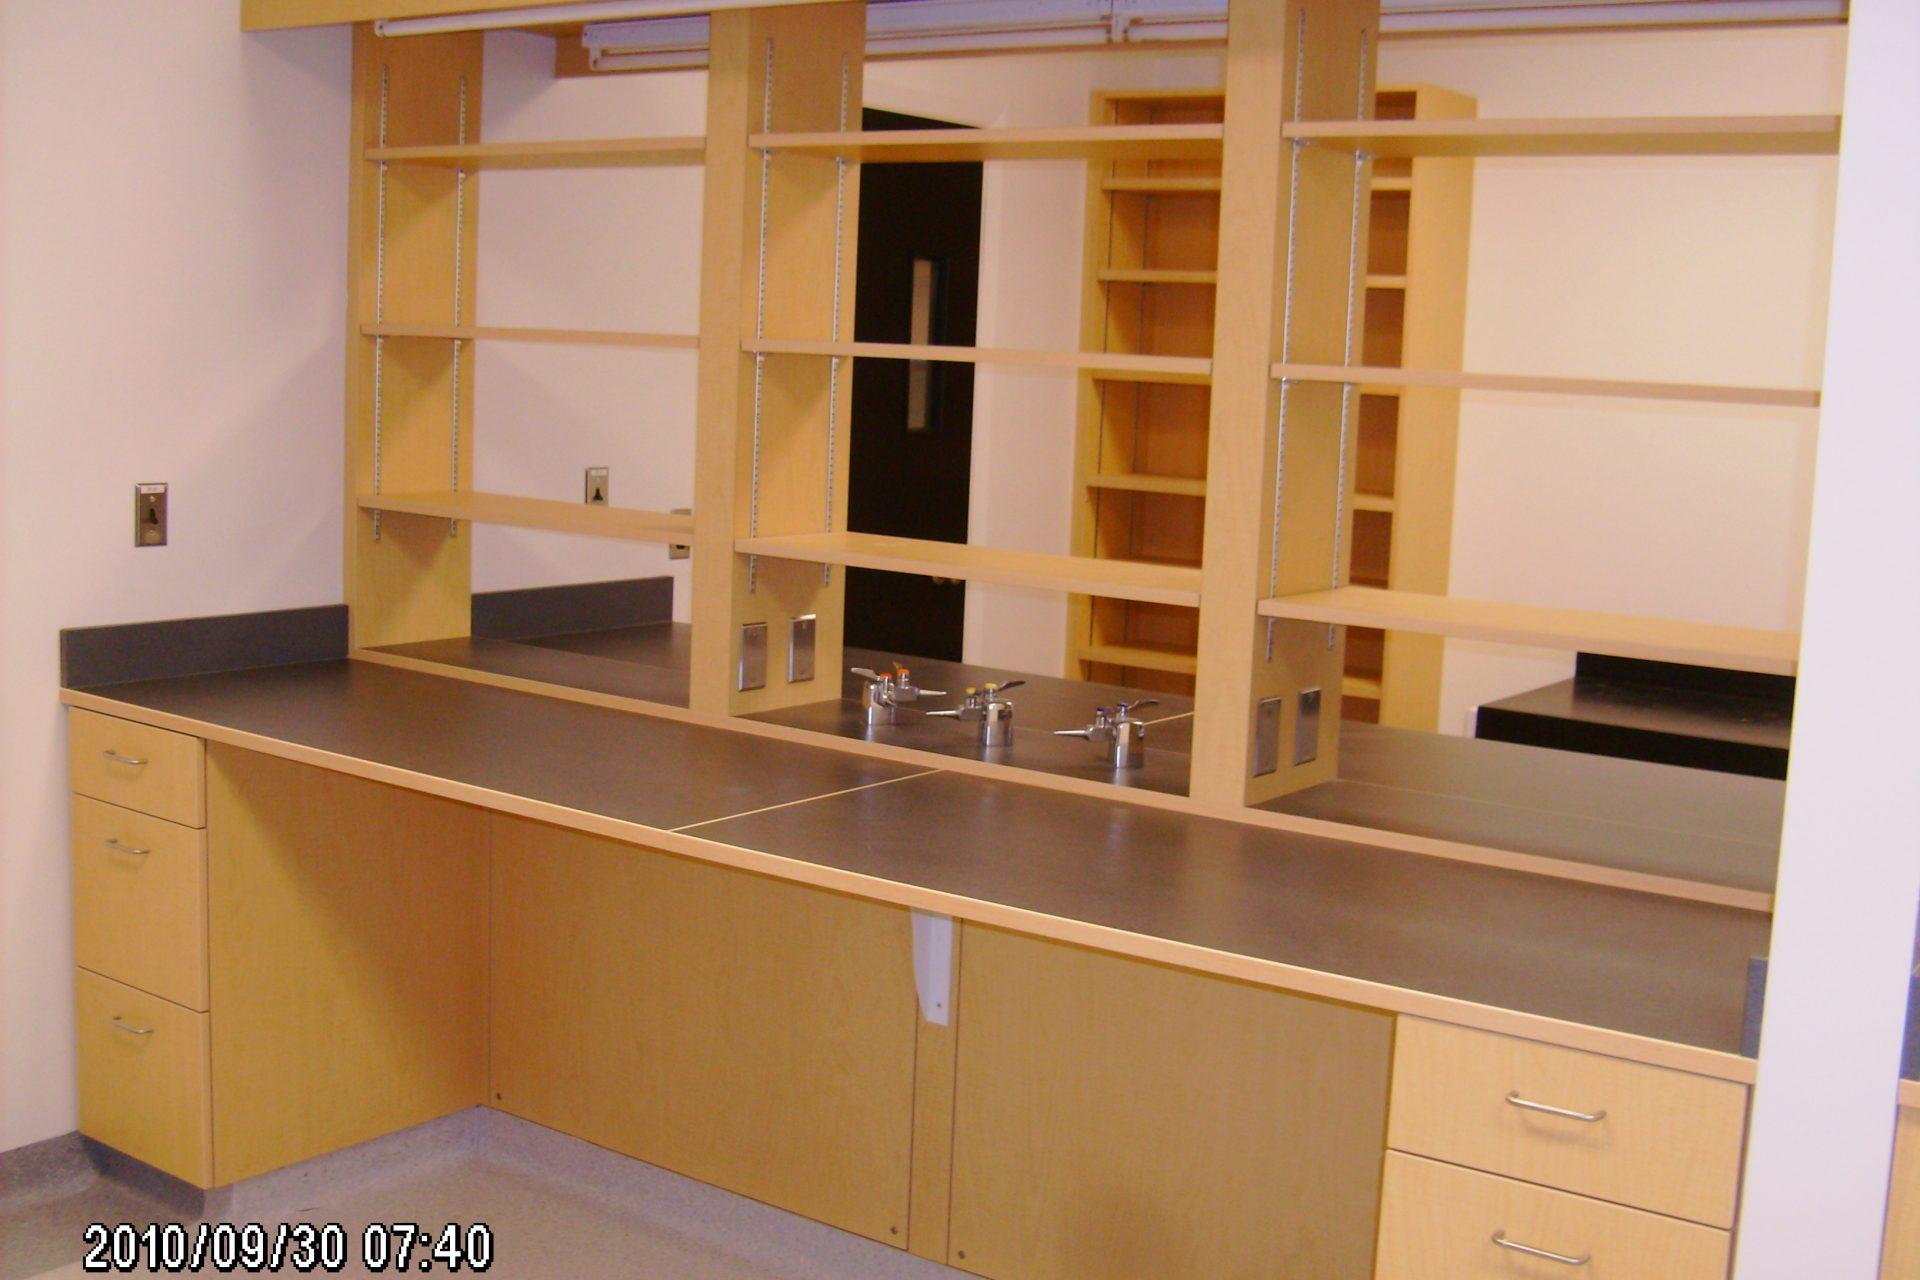 University of Manitoba Anatomy Lab 7